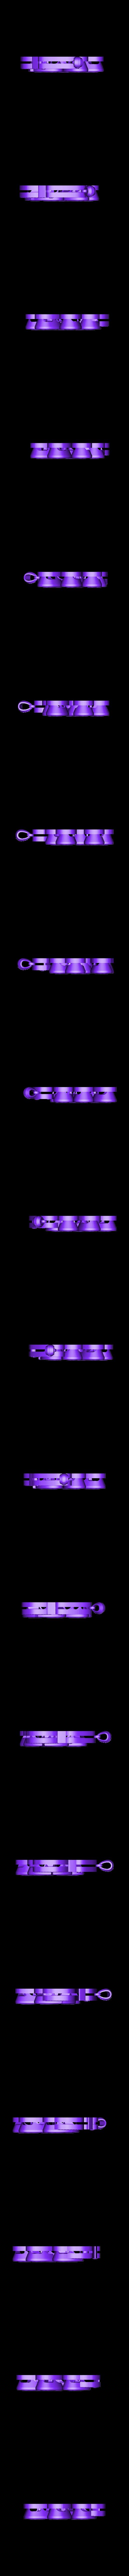 Cisnes.stl Download free STL file Precioso colgante de Cisne • 3D printer object, GENNADI3313